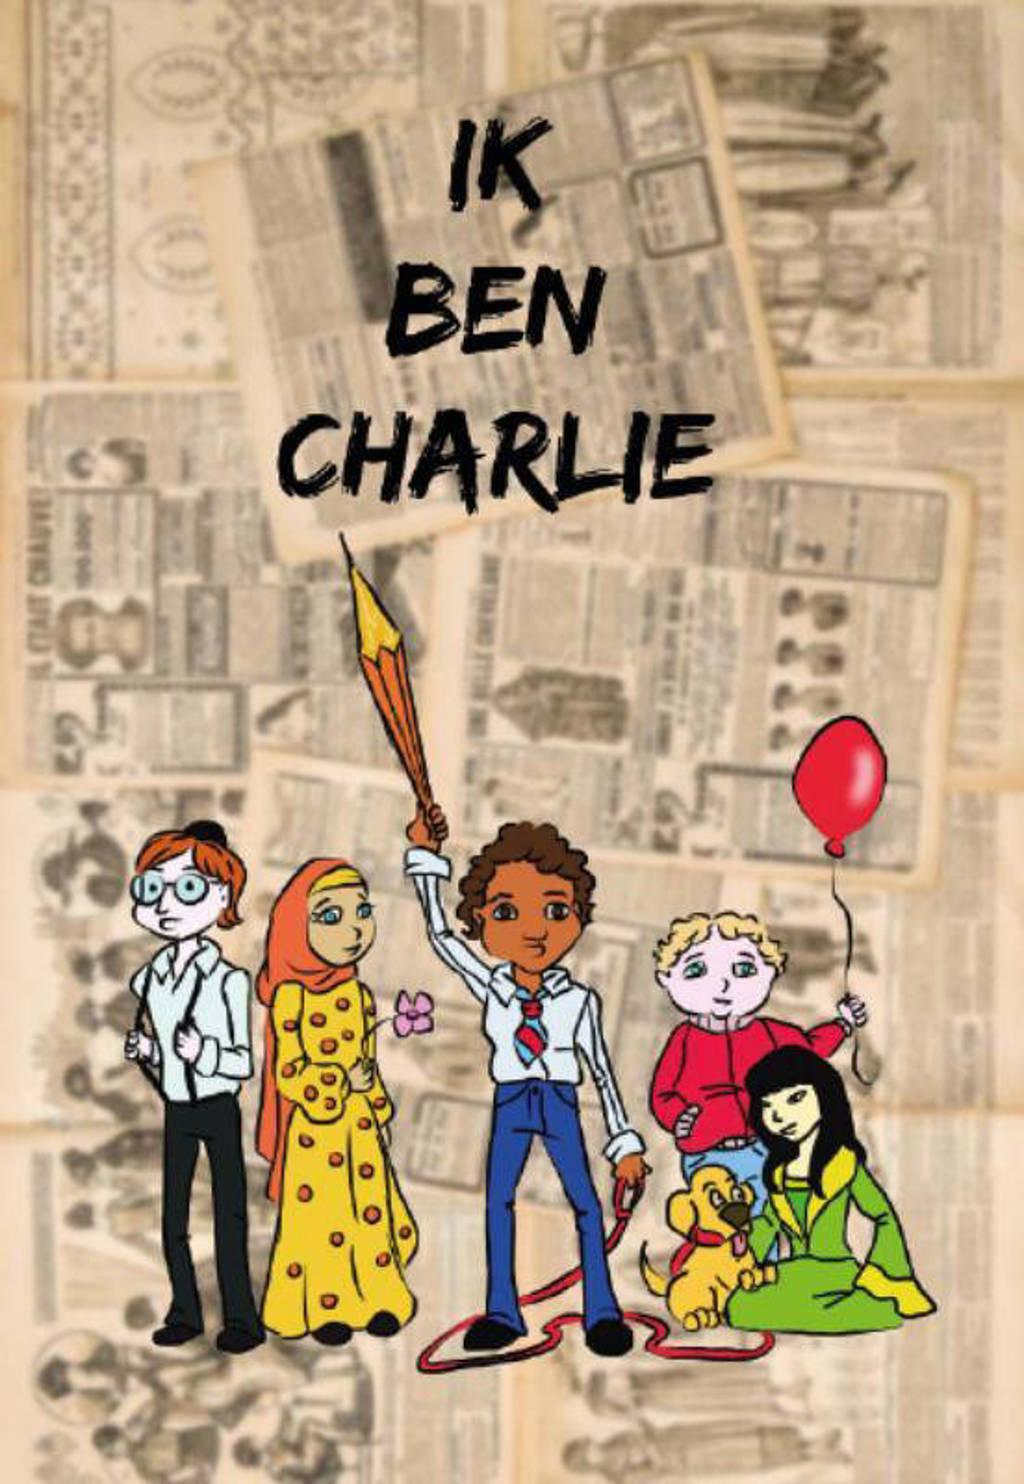 Ik ben Charlie - Jose Beumers